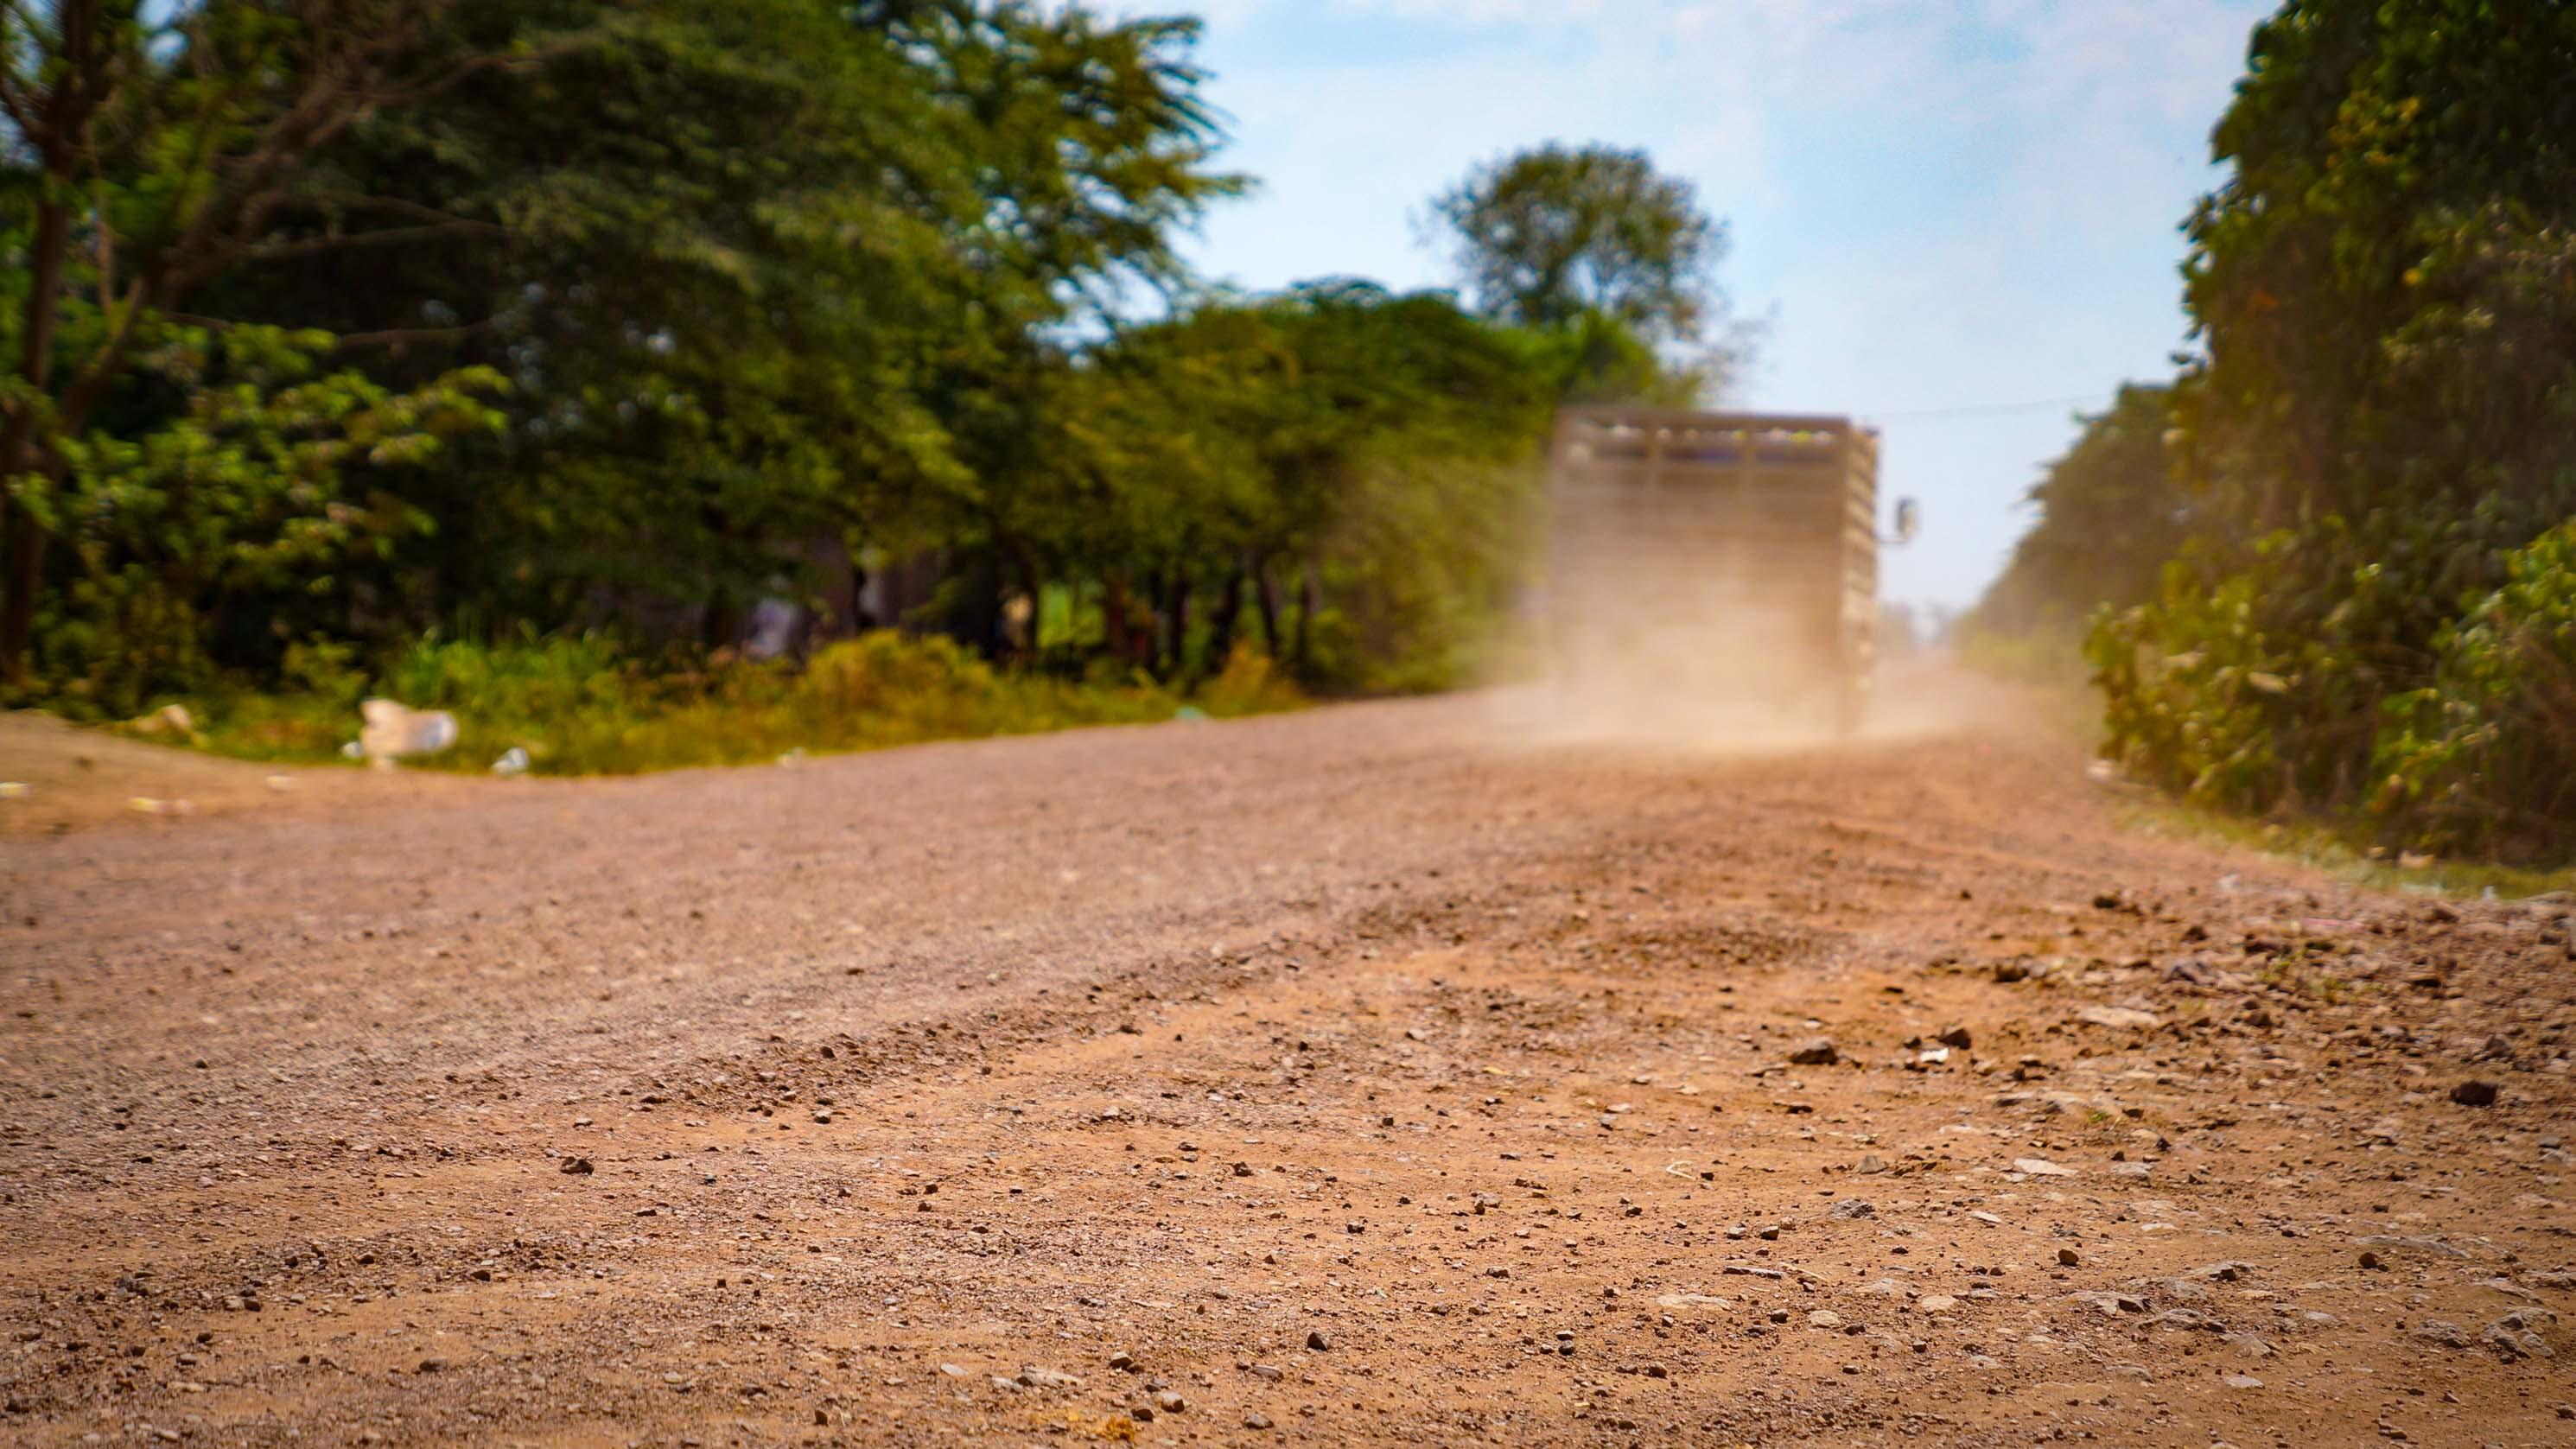 Kambodscha: Roadtrip offroad